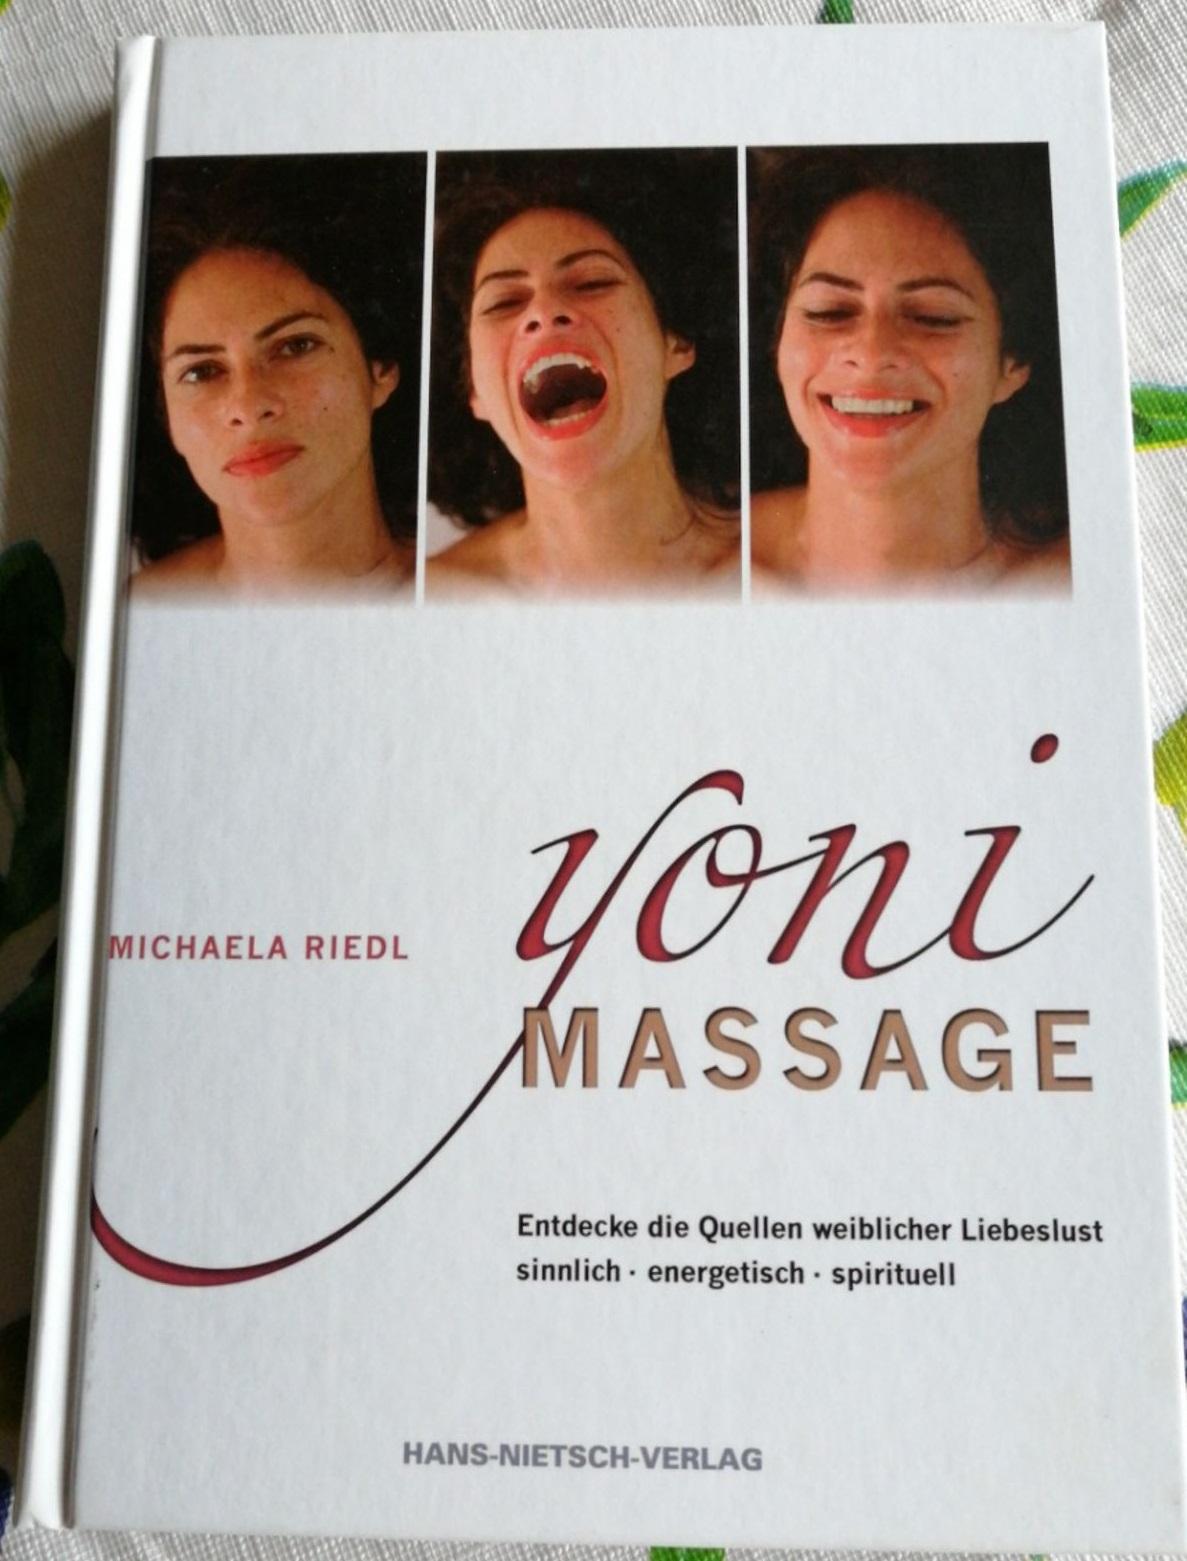 Massage yoni là gì? Bài hướng dẫn mát xa yoni đúng chuẩn SGK